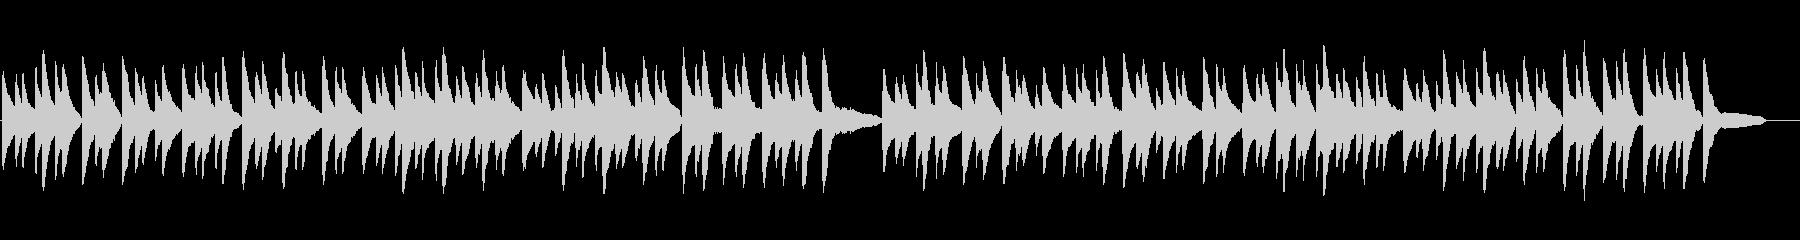 環境音楽風あんたがたどこさ(地方版)の未再生の波形